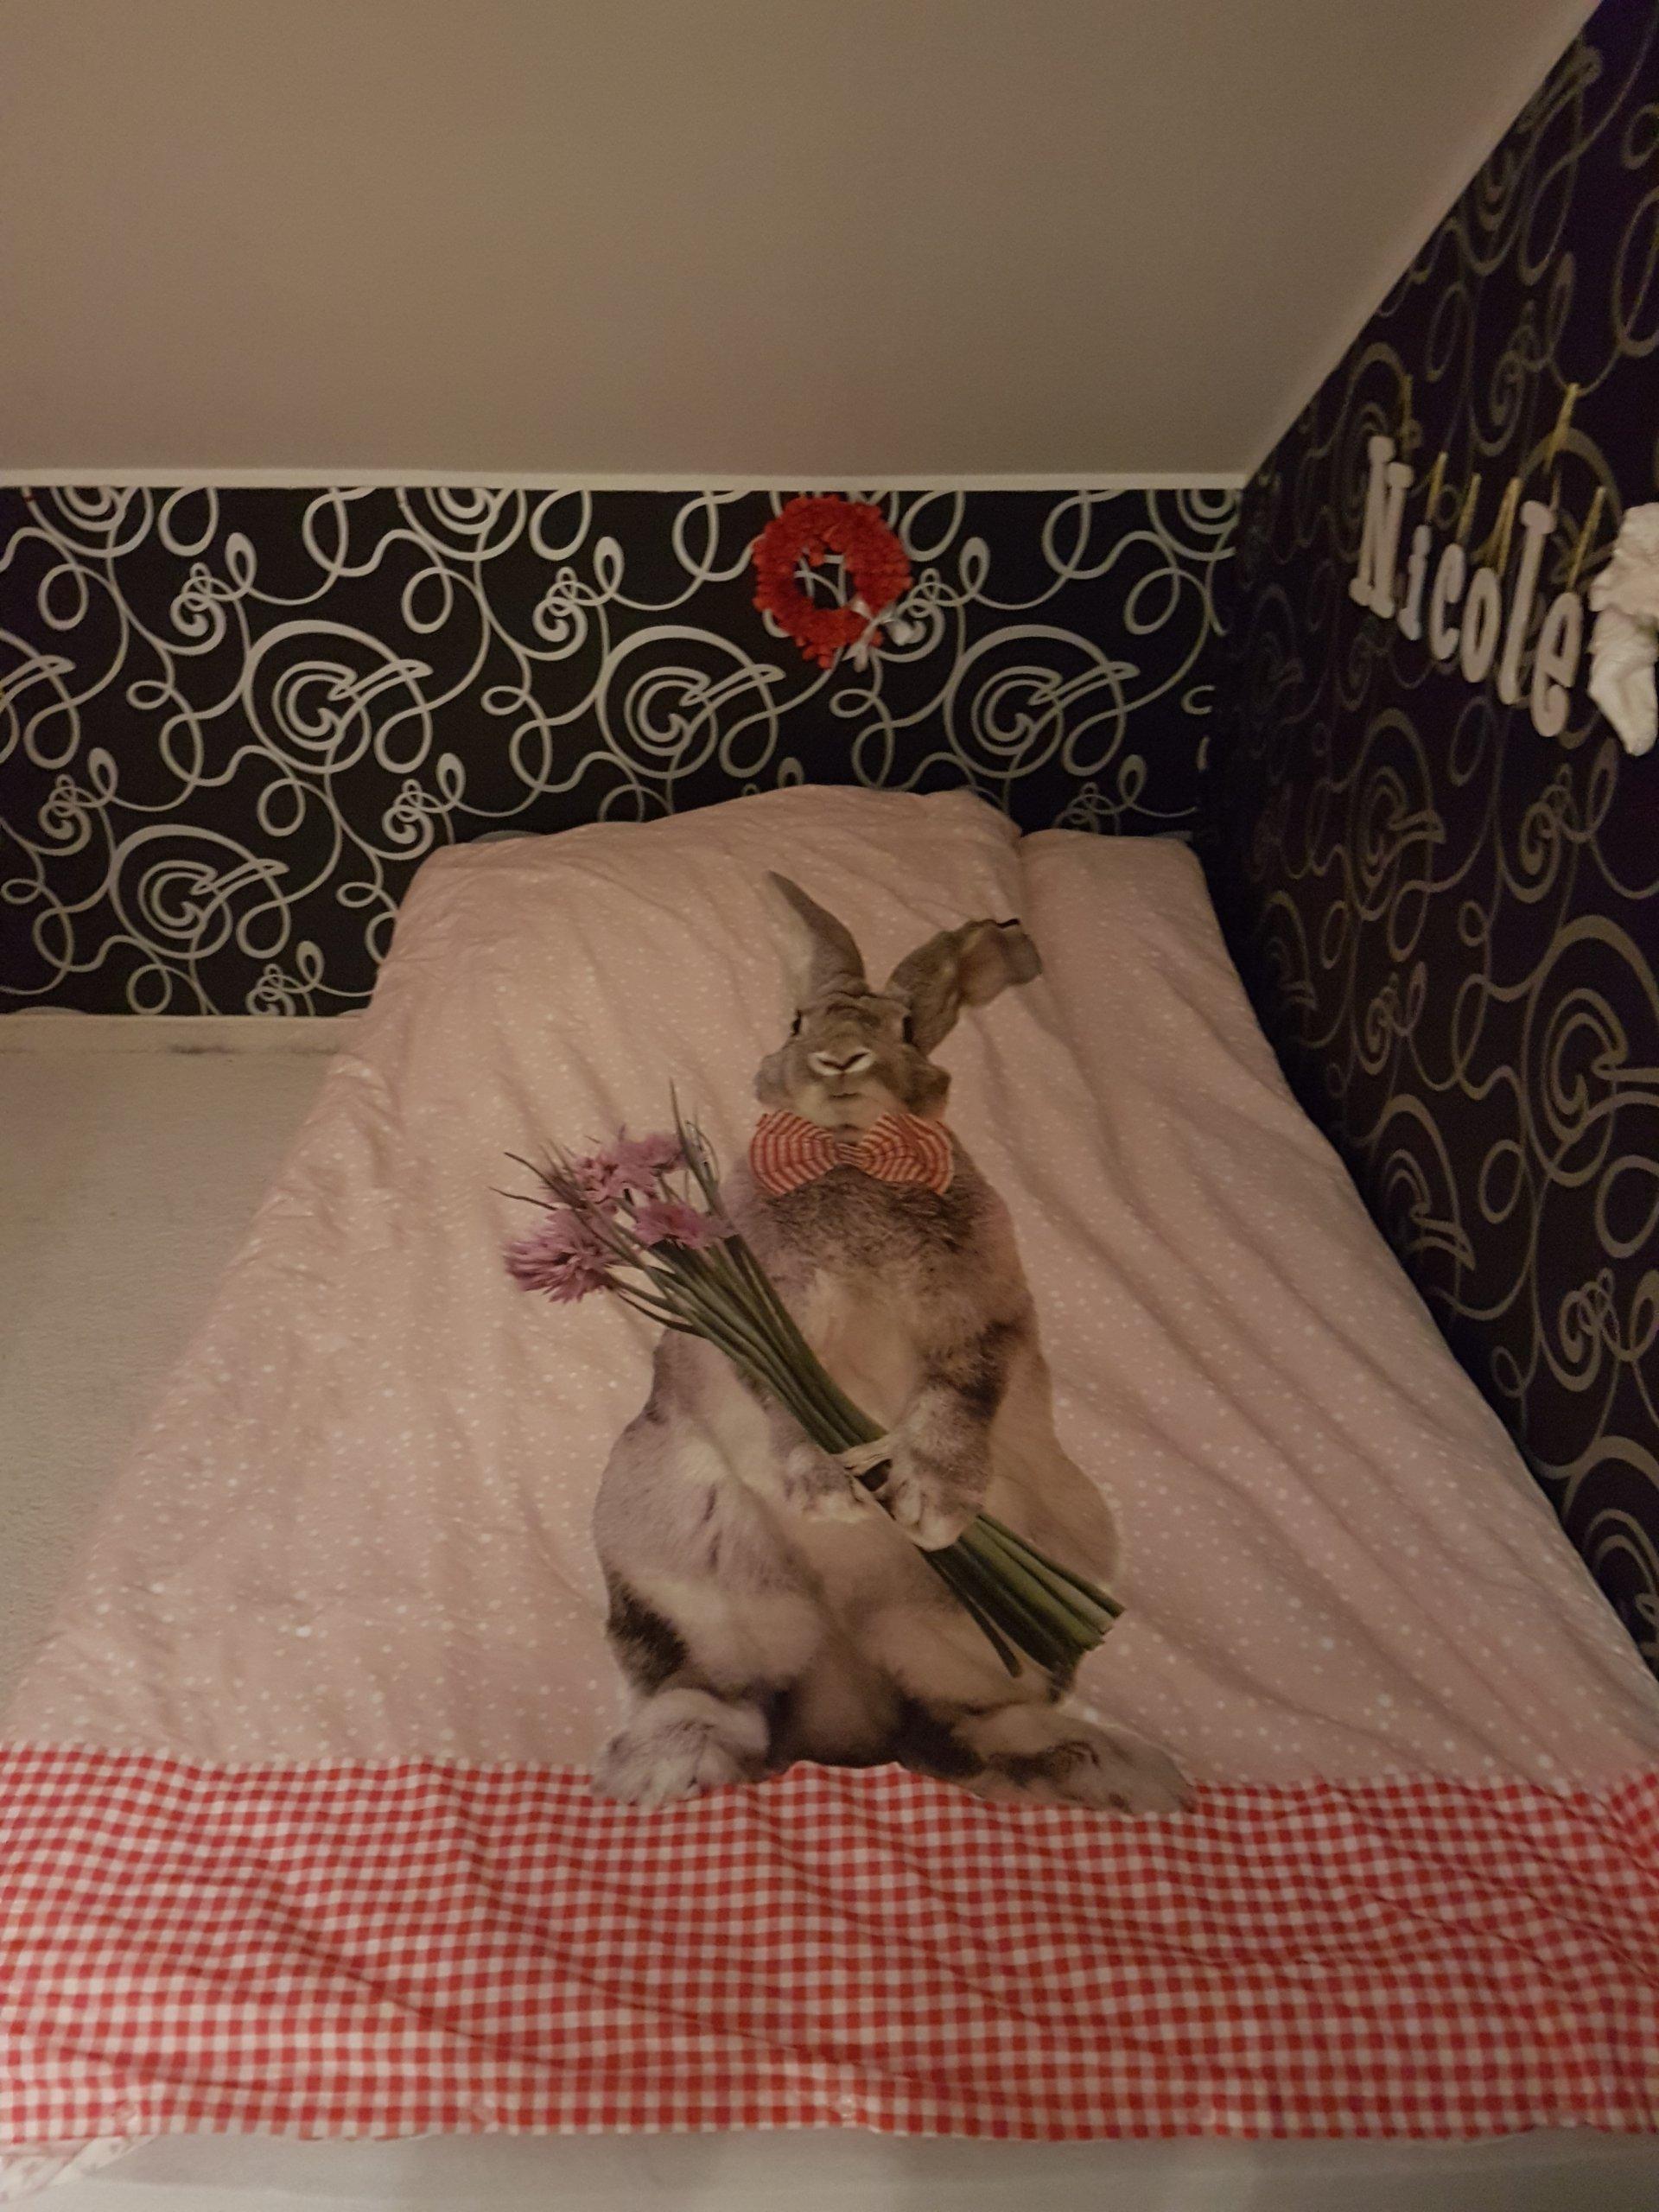 Materac 115x200 Cm Pokrowiec Zamiast łóżko 90x200